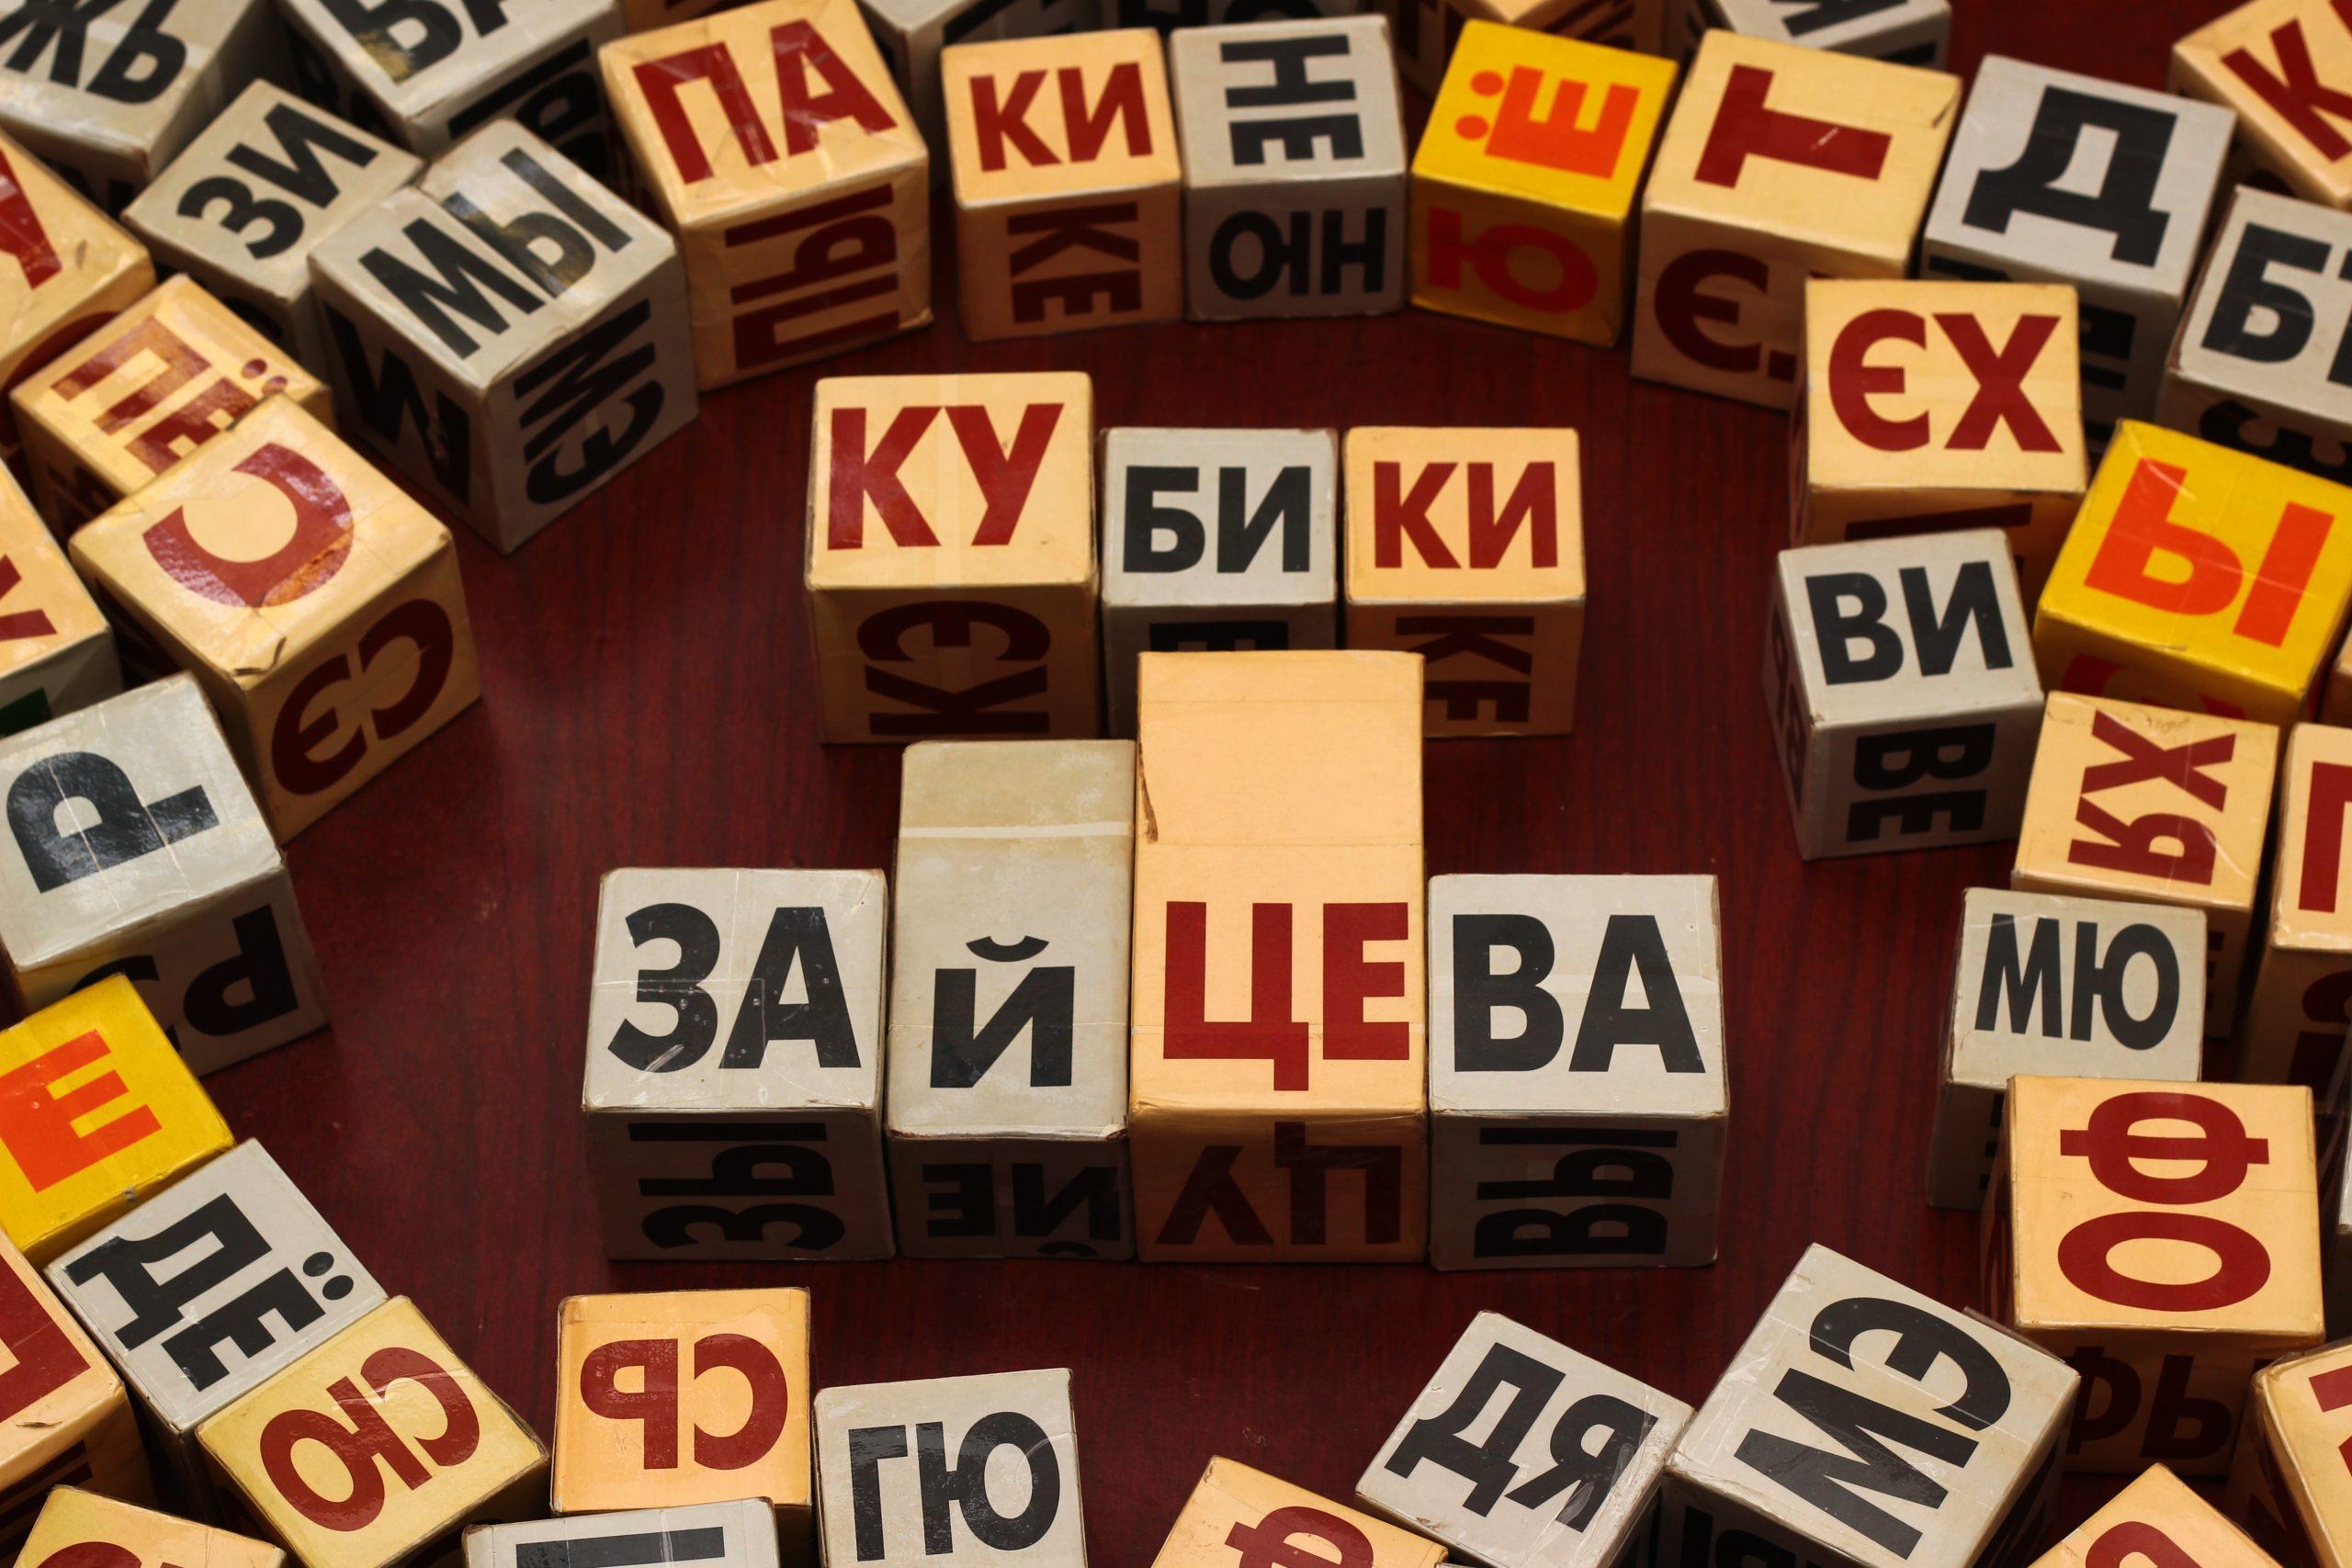 Кубики Зайцева: полное руководство по выбору и применению